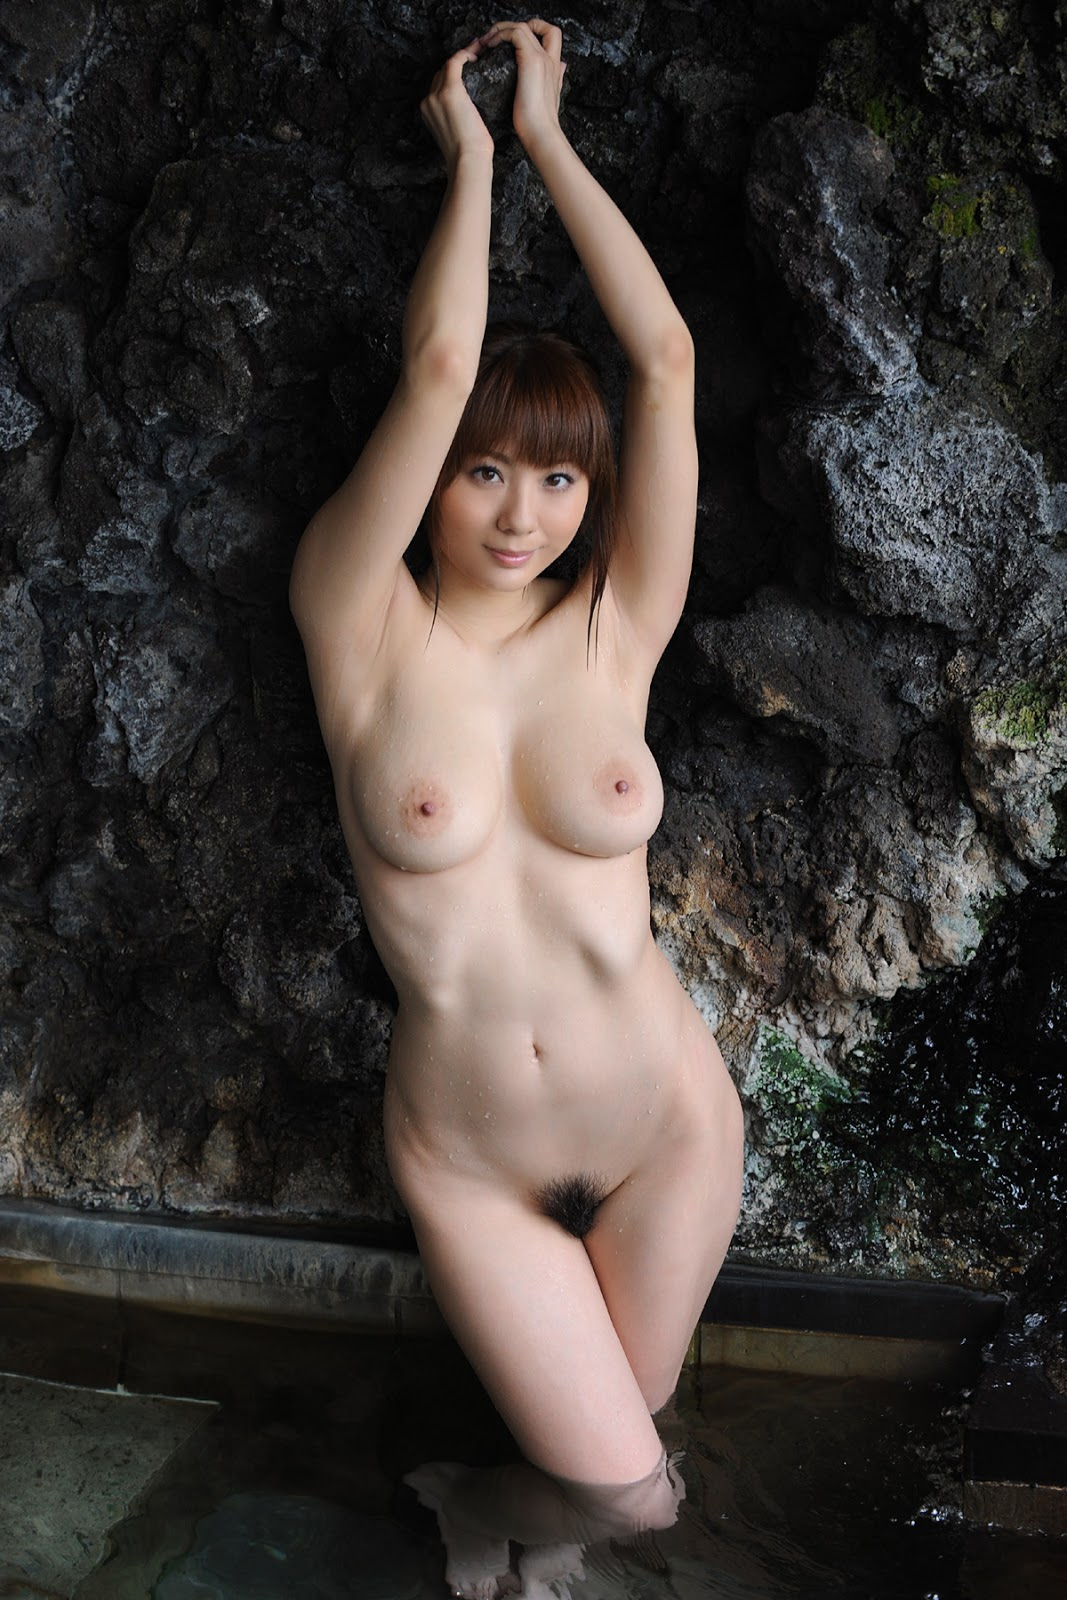 фотогалерея голая азиатка временно отключена подарю